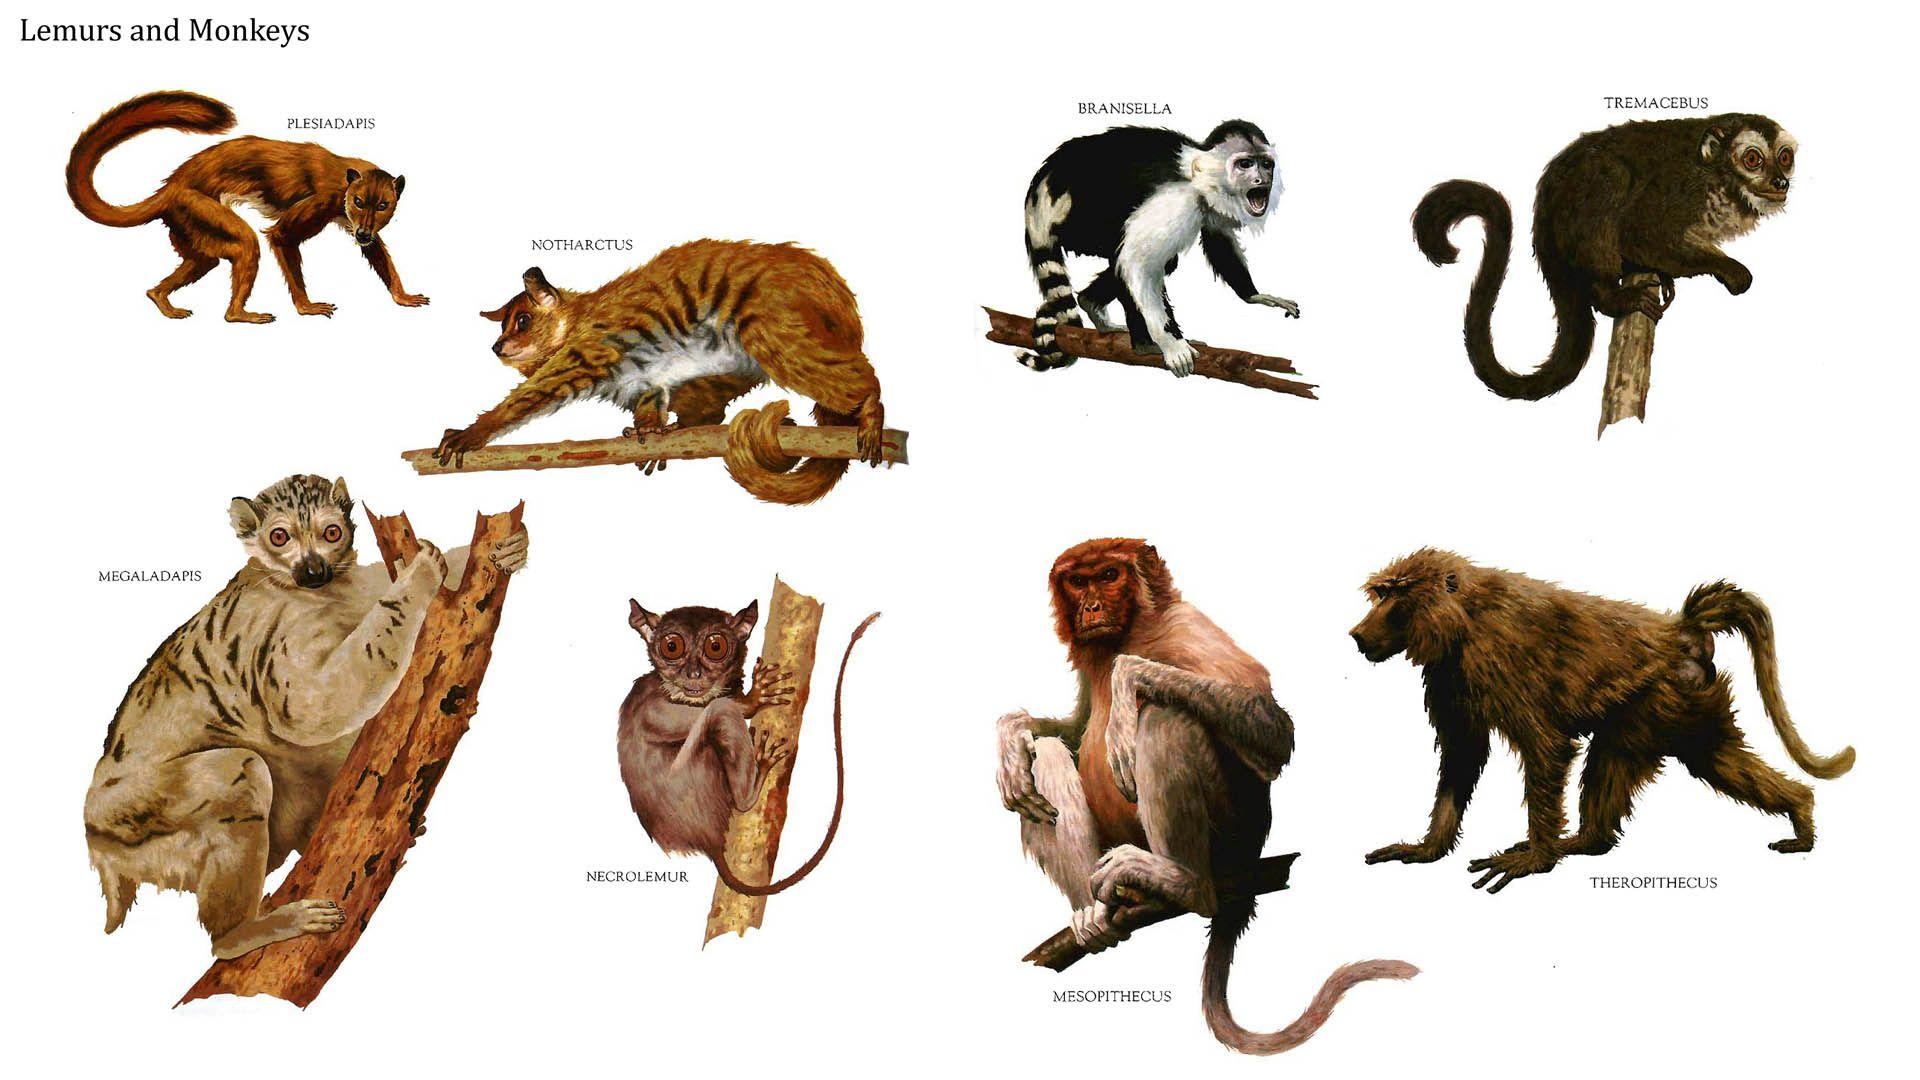 Lemus and Monkeys. Row 1: Plesiadapis, Notharctus, Branisella; Row 2: Megaladapis, Necrolemur, Mesopithecus, Theropithecus.